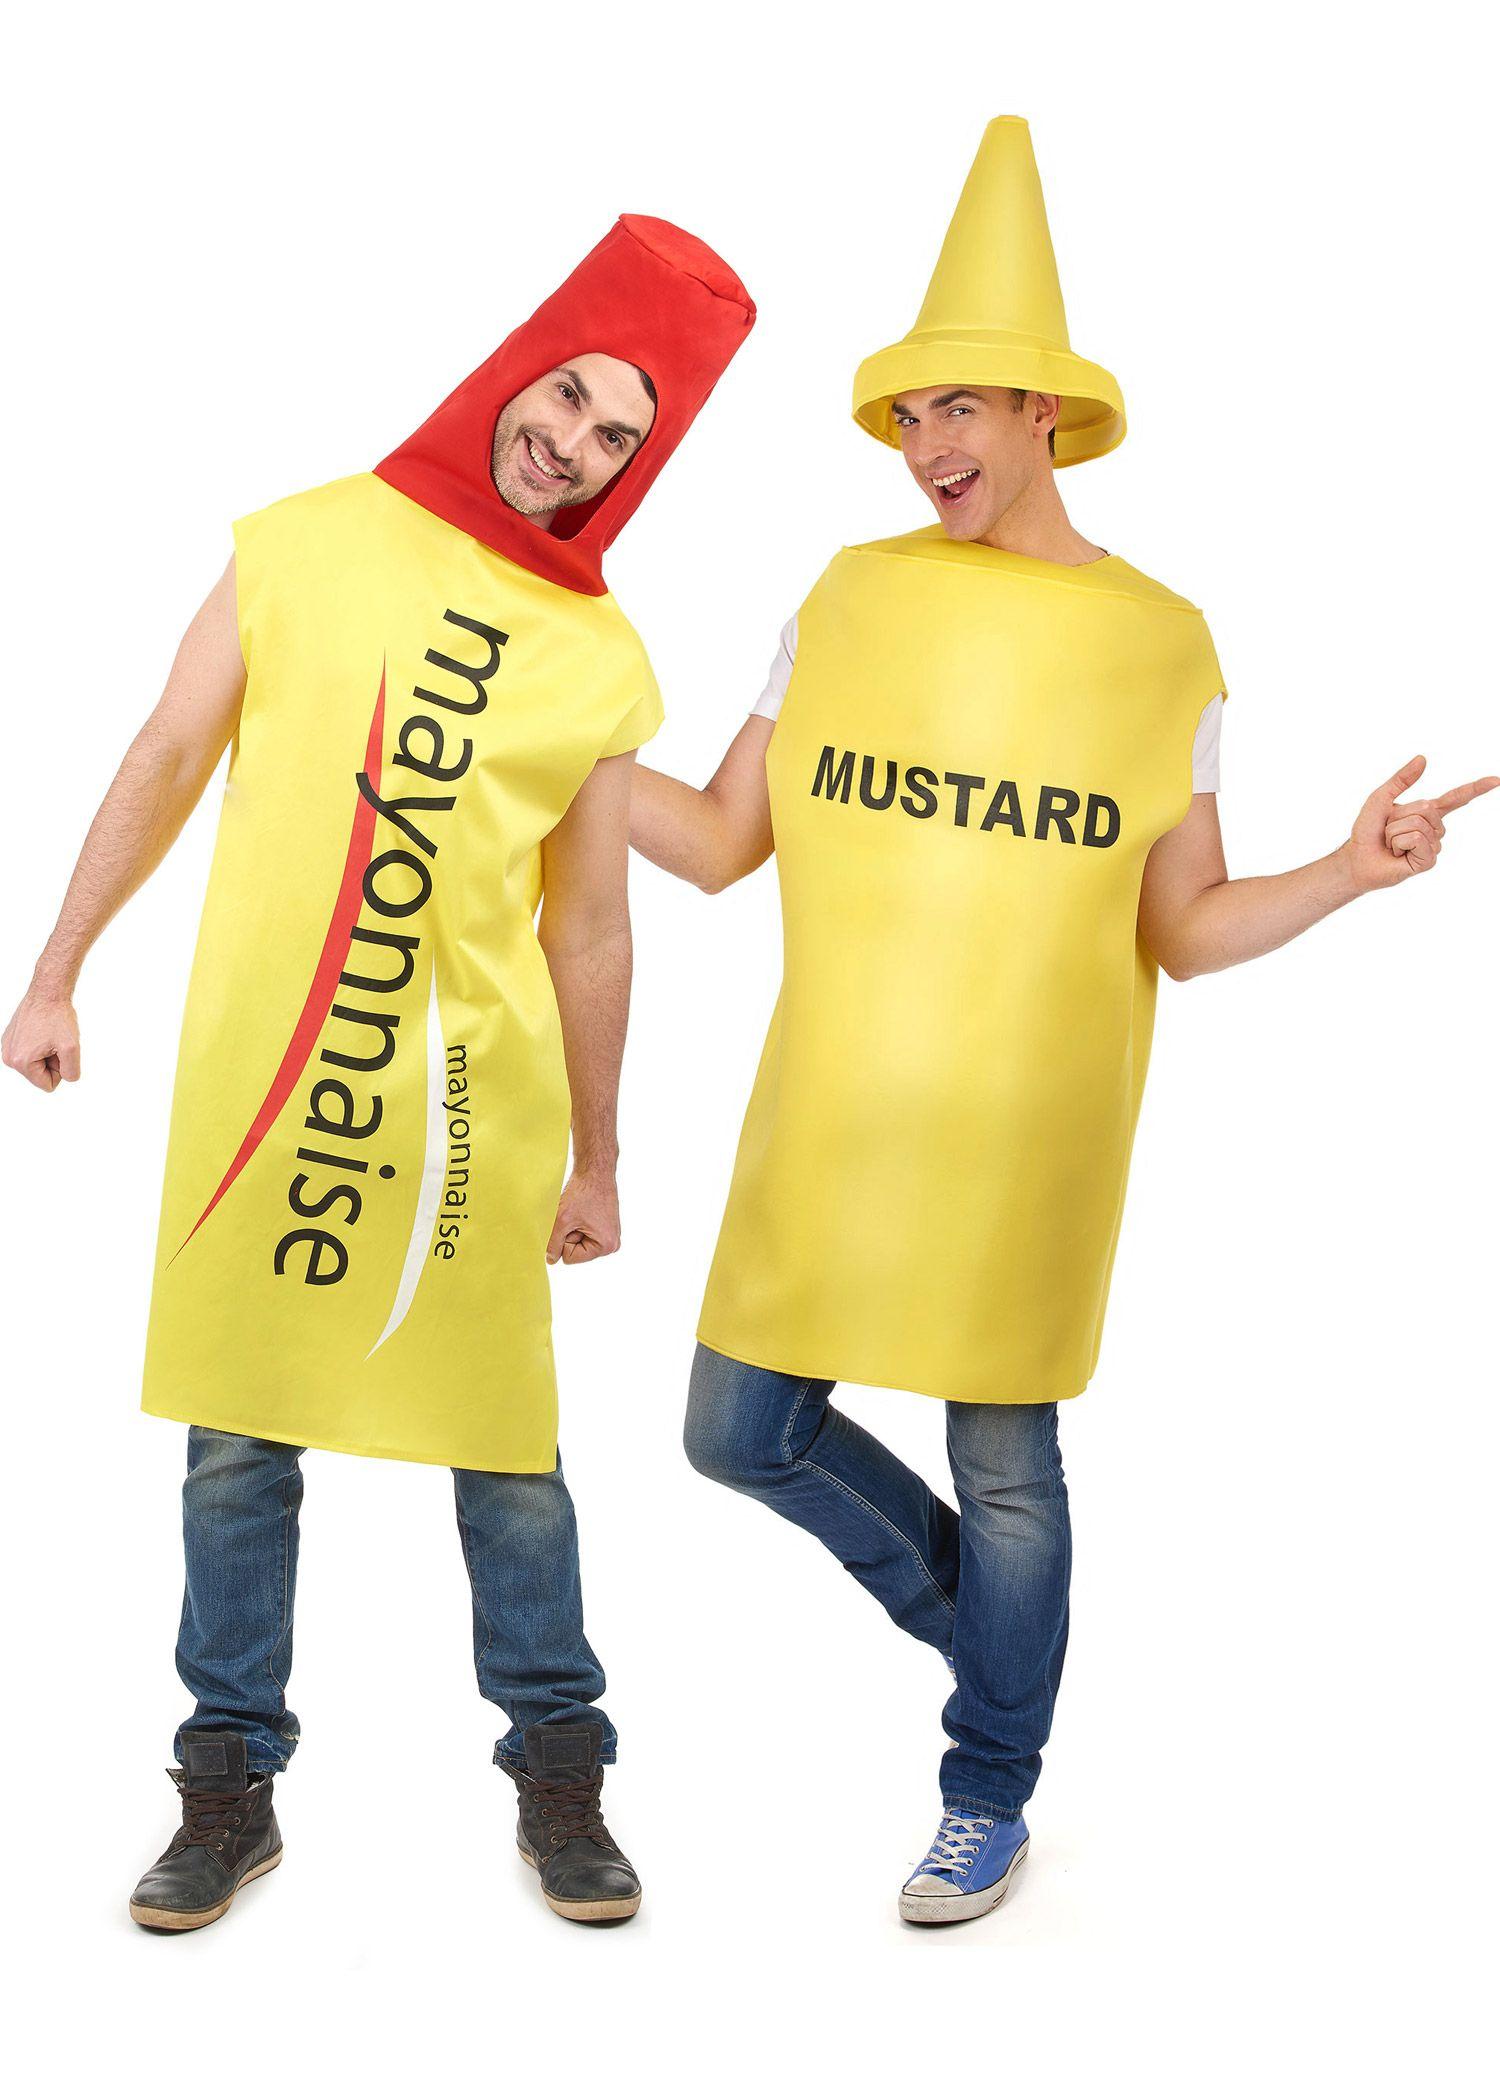 d4415d0830 Costume di coppia maionese e mostarda: - Costume Maionese adulto Questo  simpatico costume da barattolo